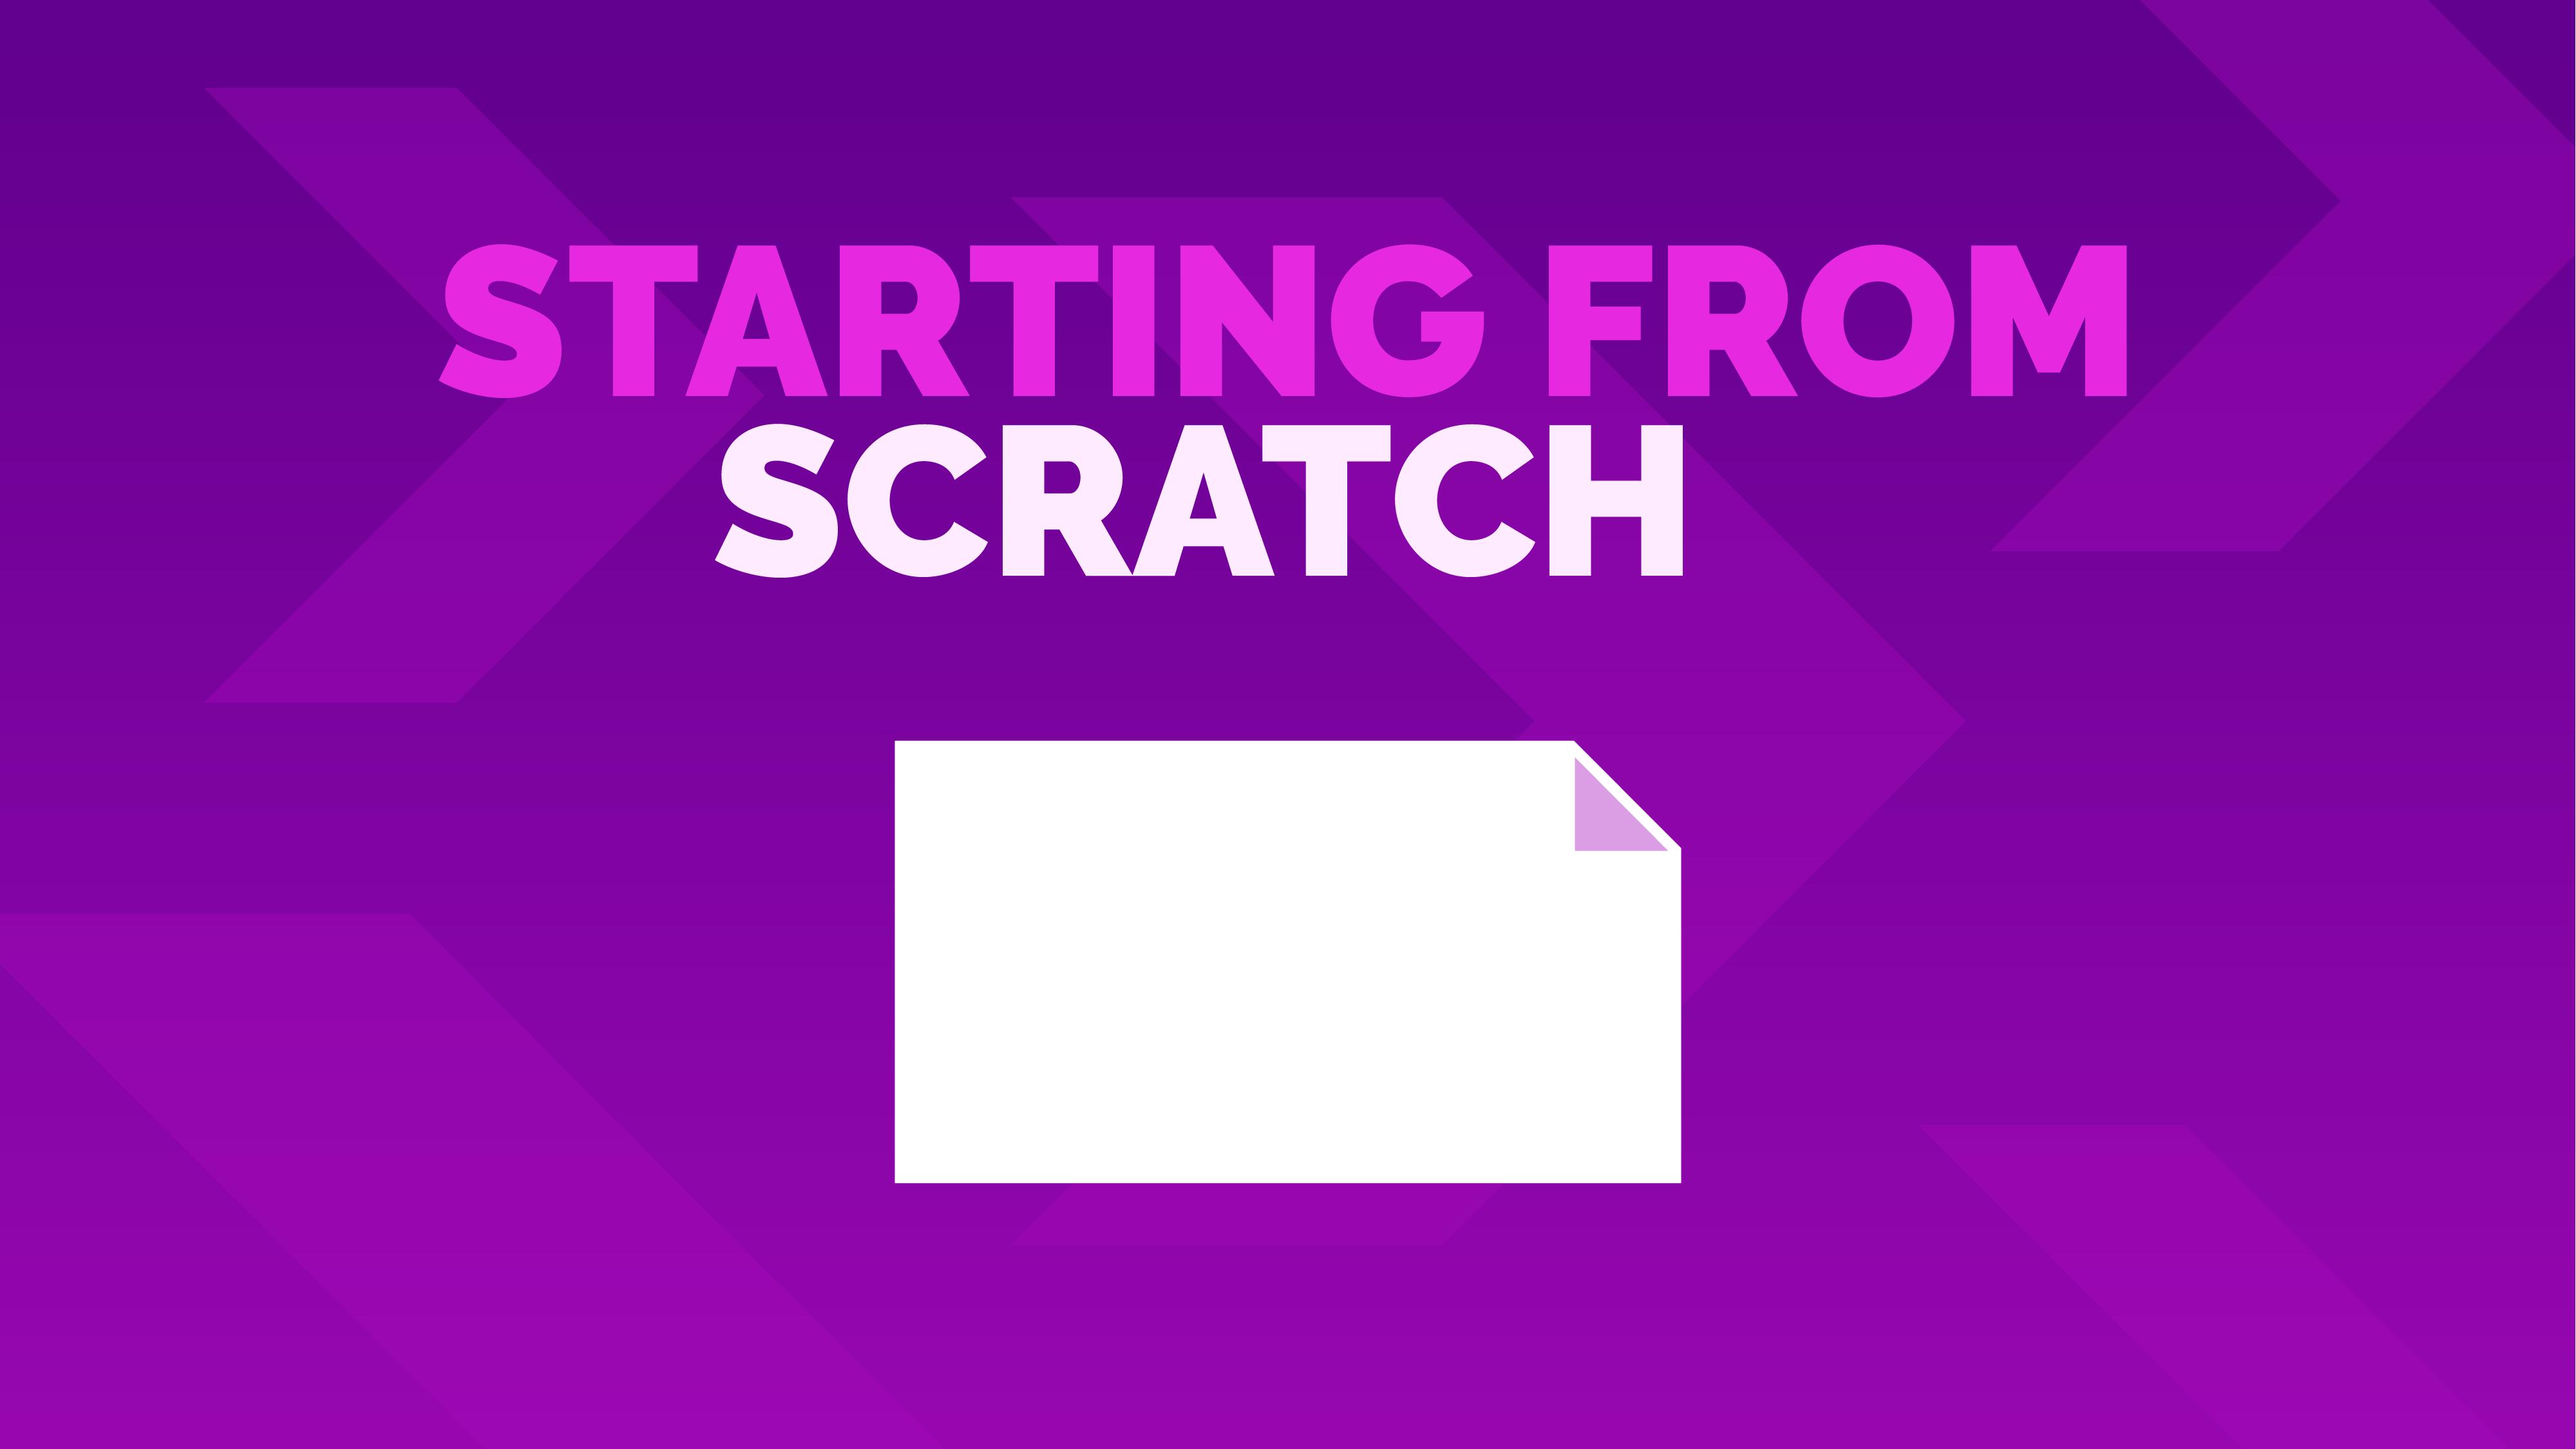 scratch_01.png